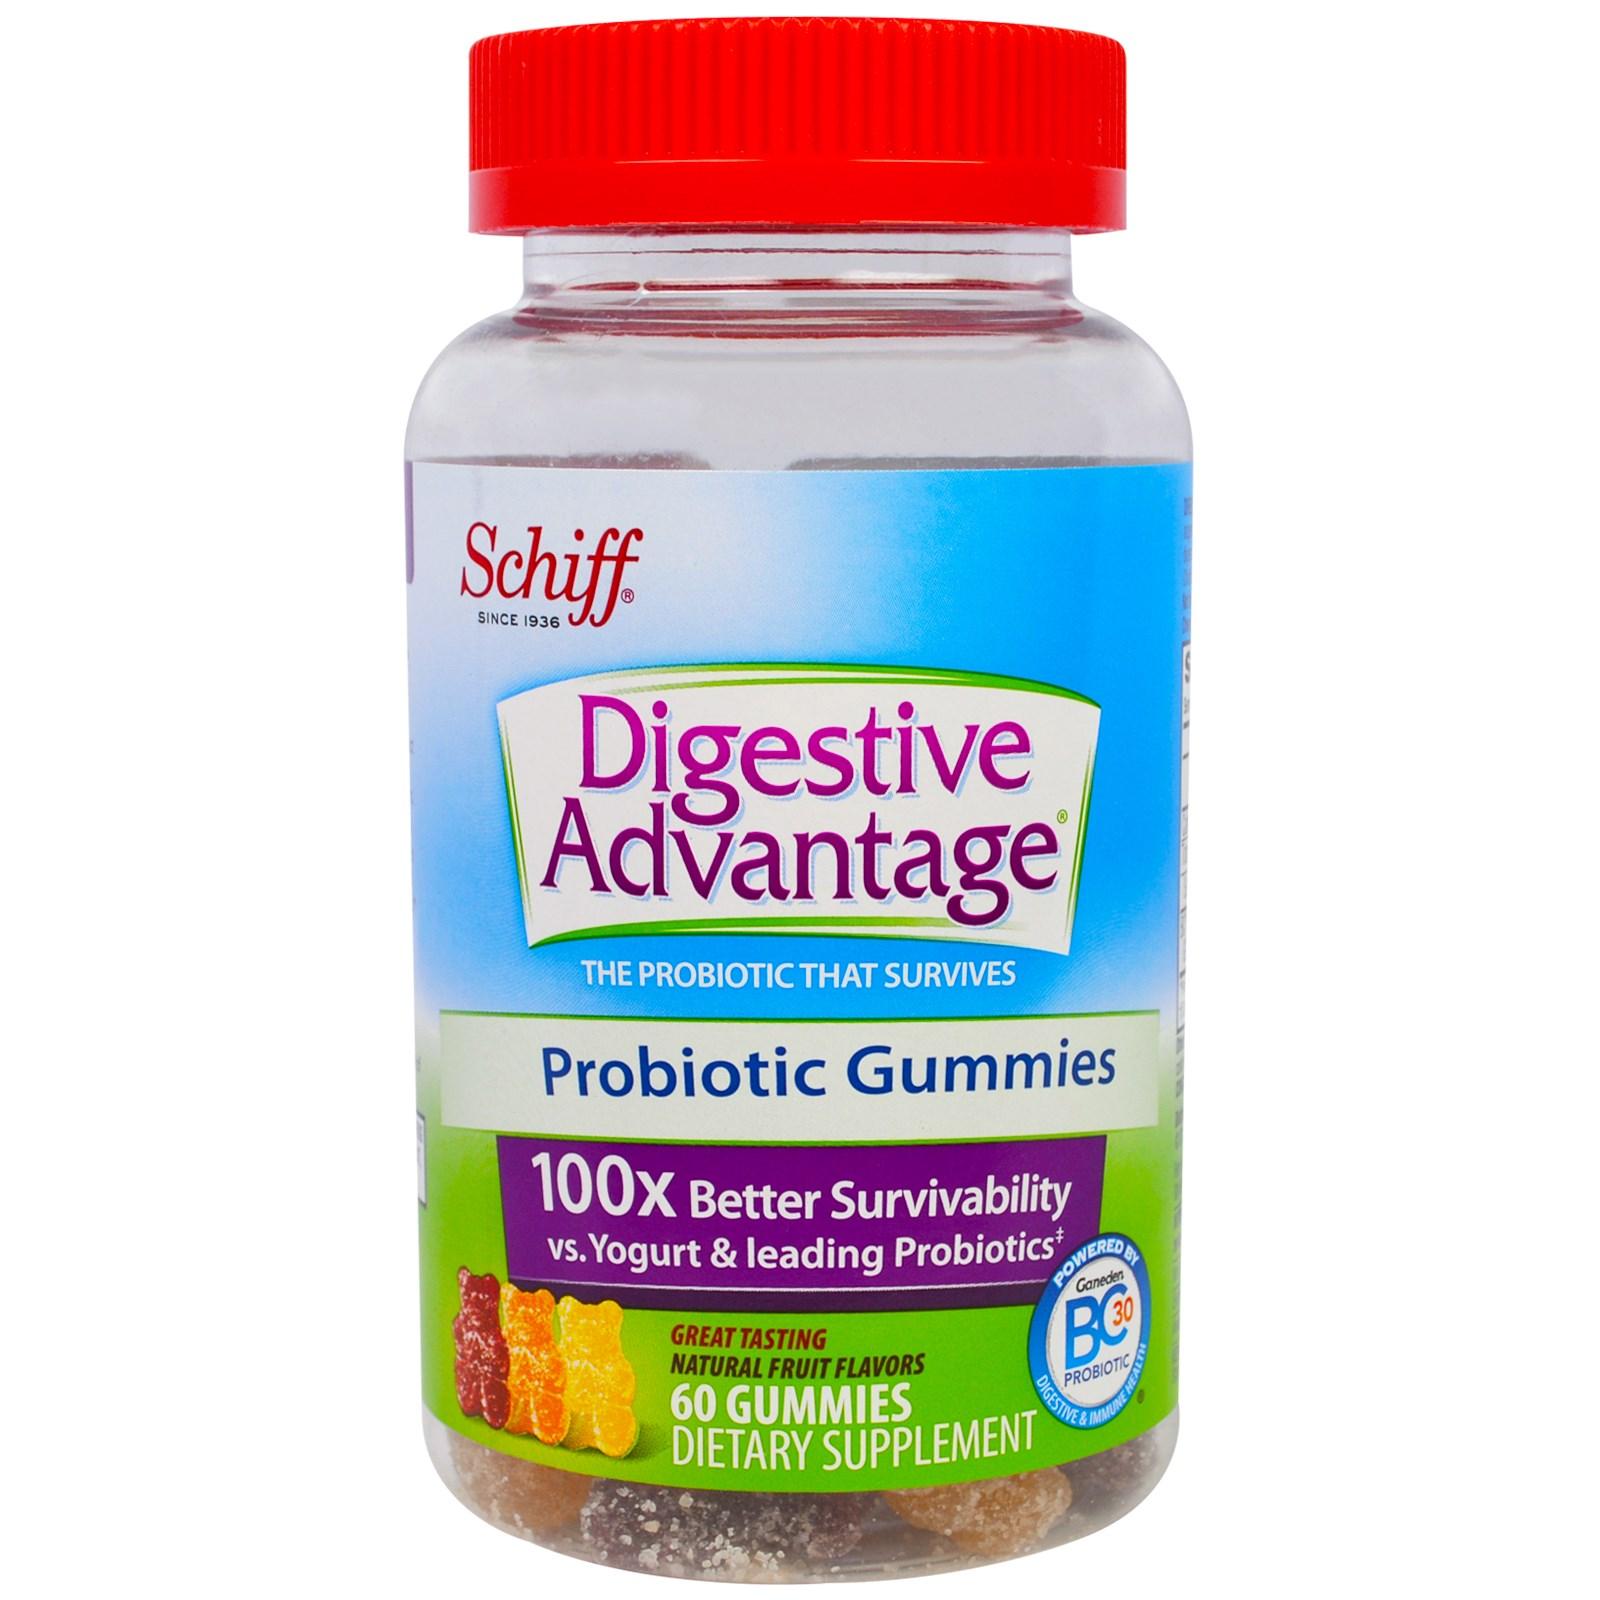 Schiff, Для Здоровго Пищеварения, Жевательные Сладости с Пробиотиком, Натуральный Фруктовый Вкус, 60 штук